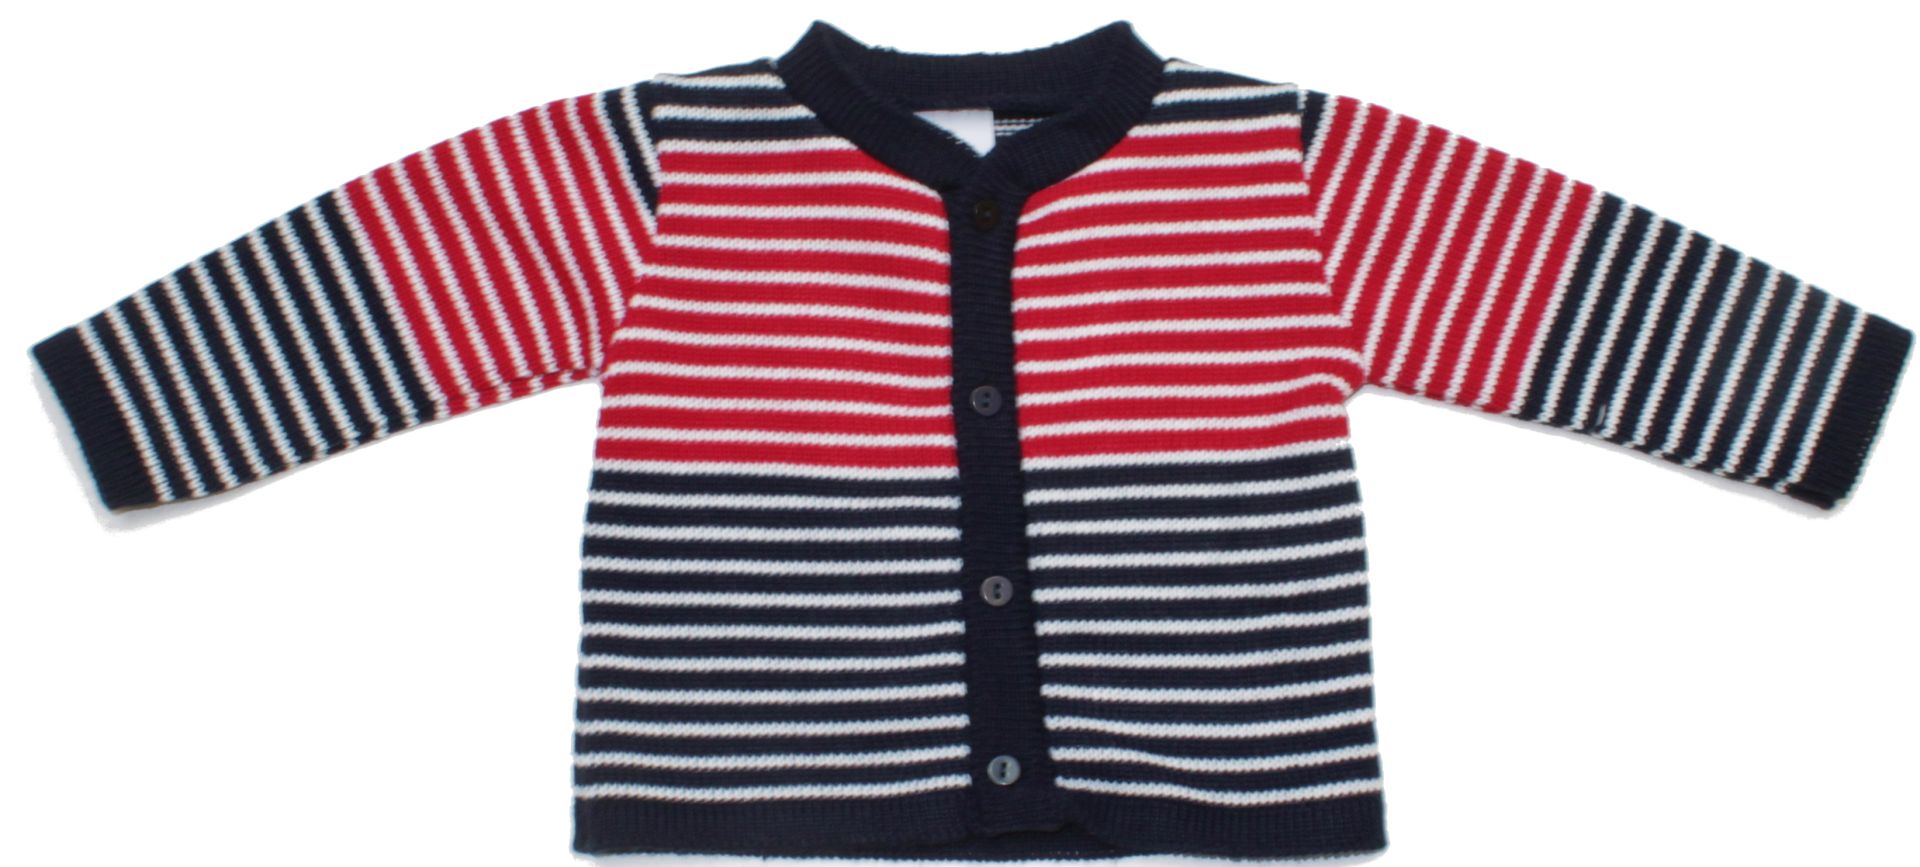 7804f75aacd1 Dívčí svetřík s proužky celopropínací Losan Dívčí svetřík s proužky  celopropínací Losan